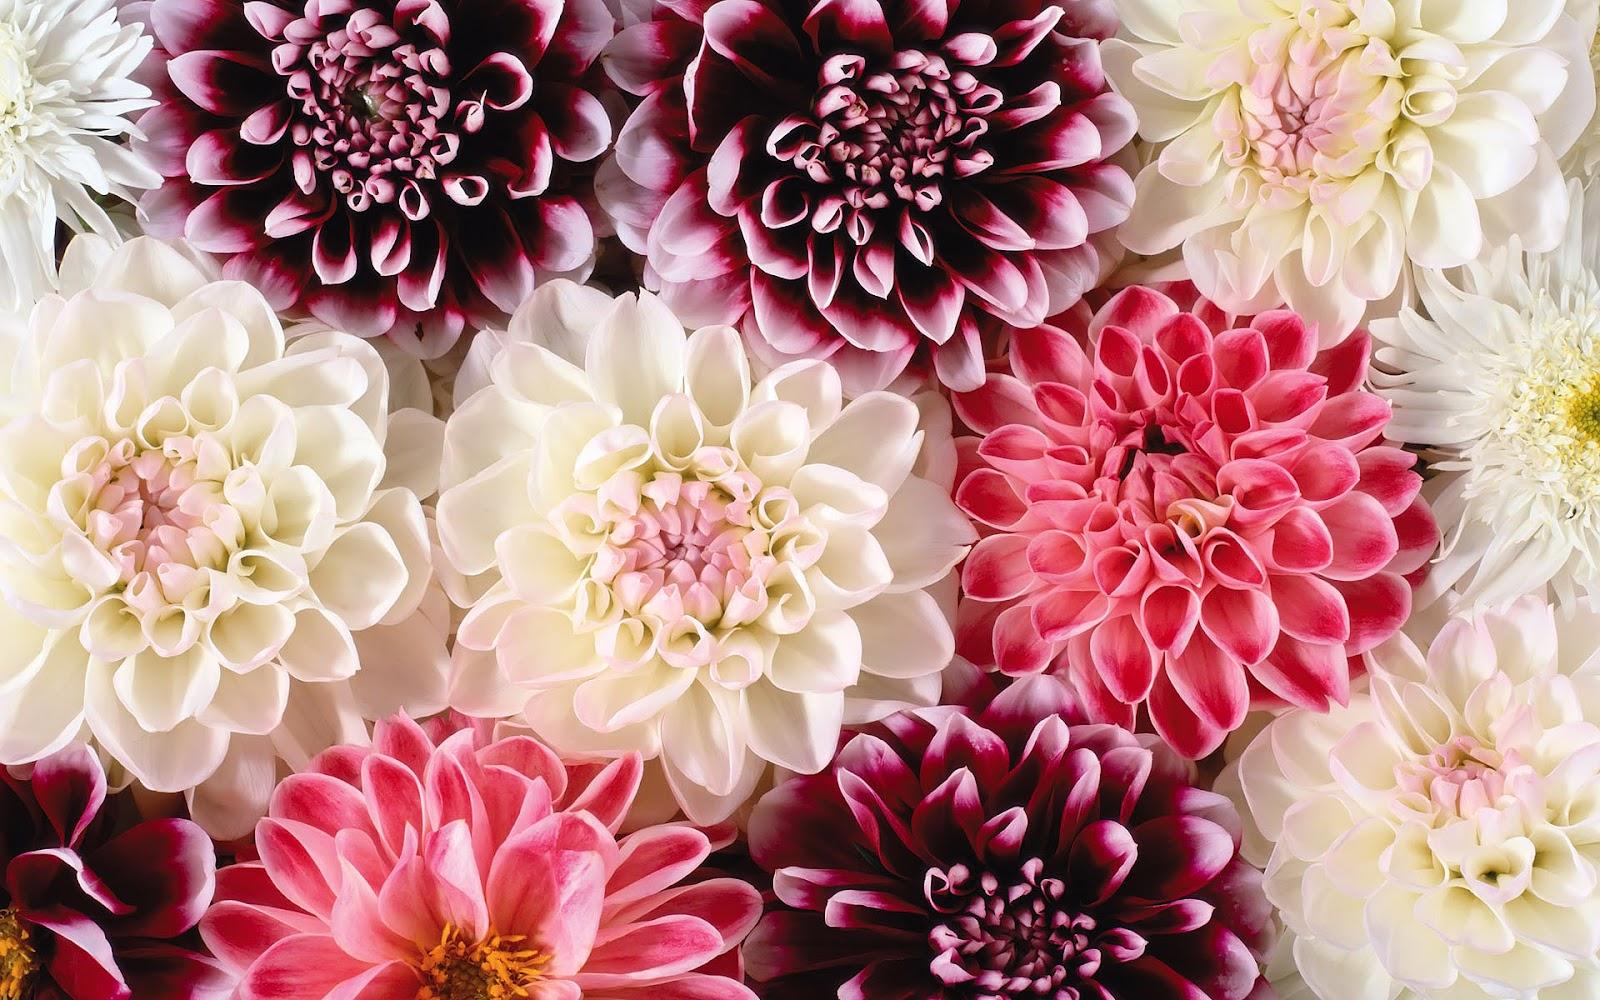 bloemen iphone achtergronden roze-#23